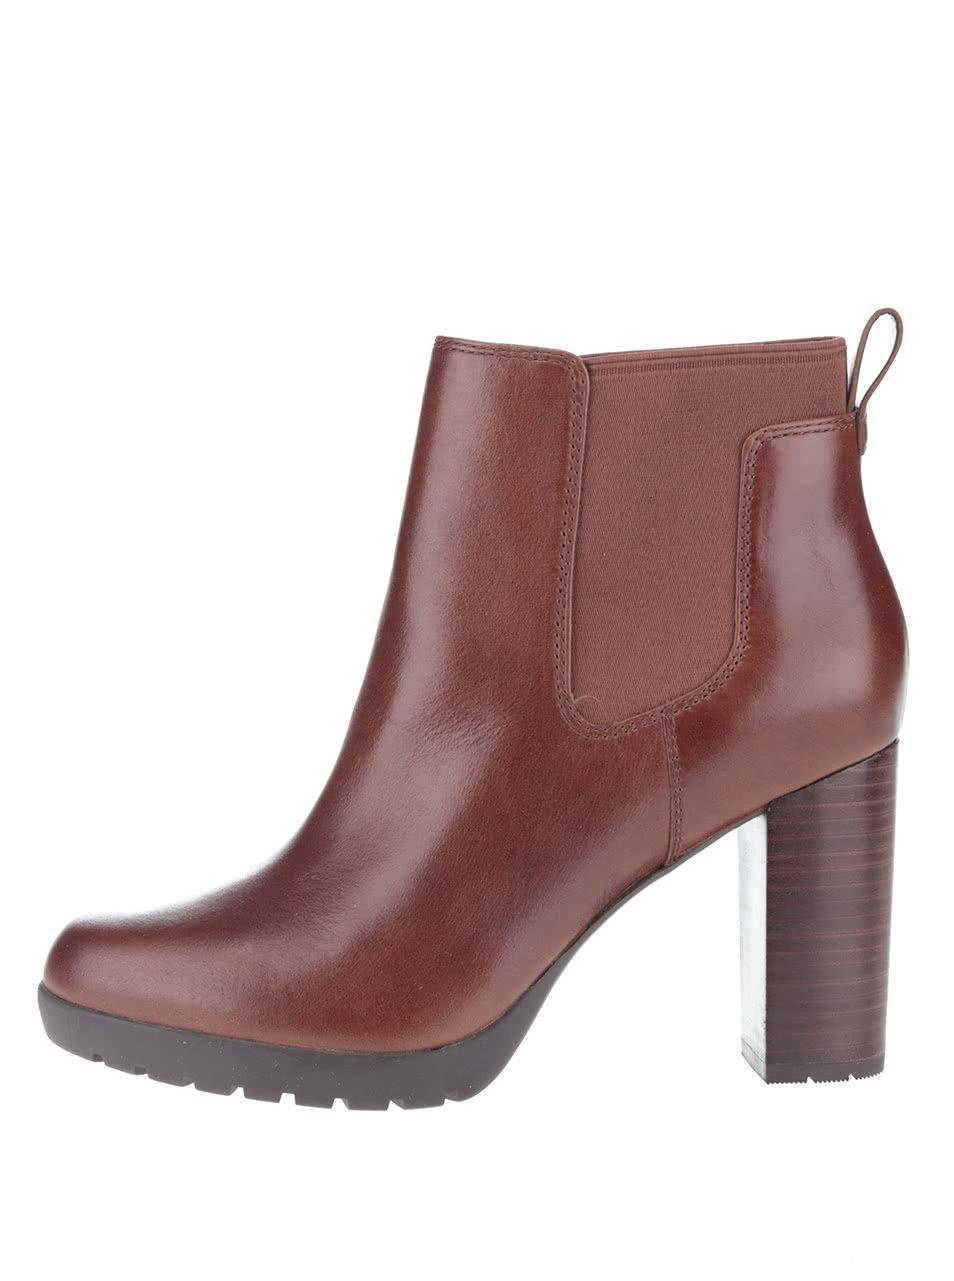 Tmavohnedé dámske kožené topánky Clarks Elipsa Dee ... 481efdfe3dd